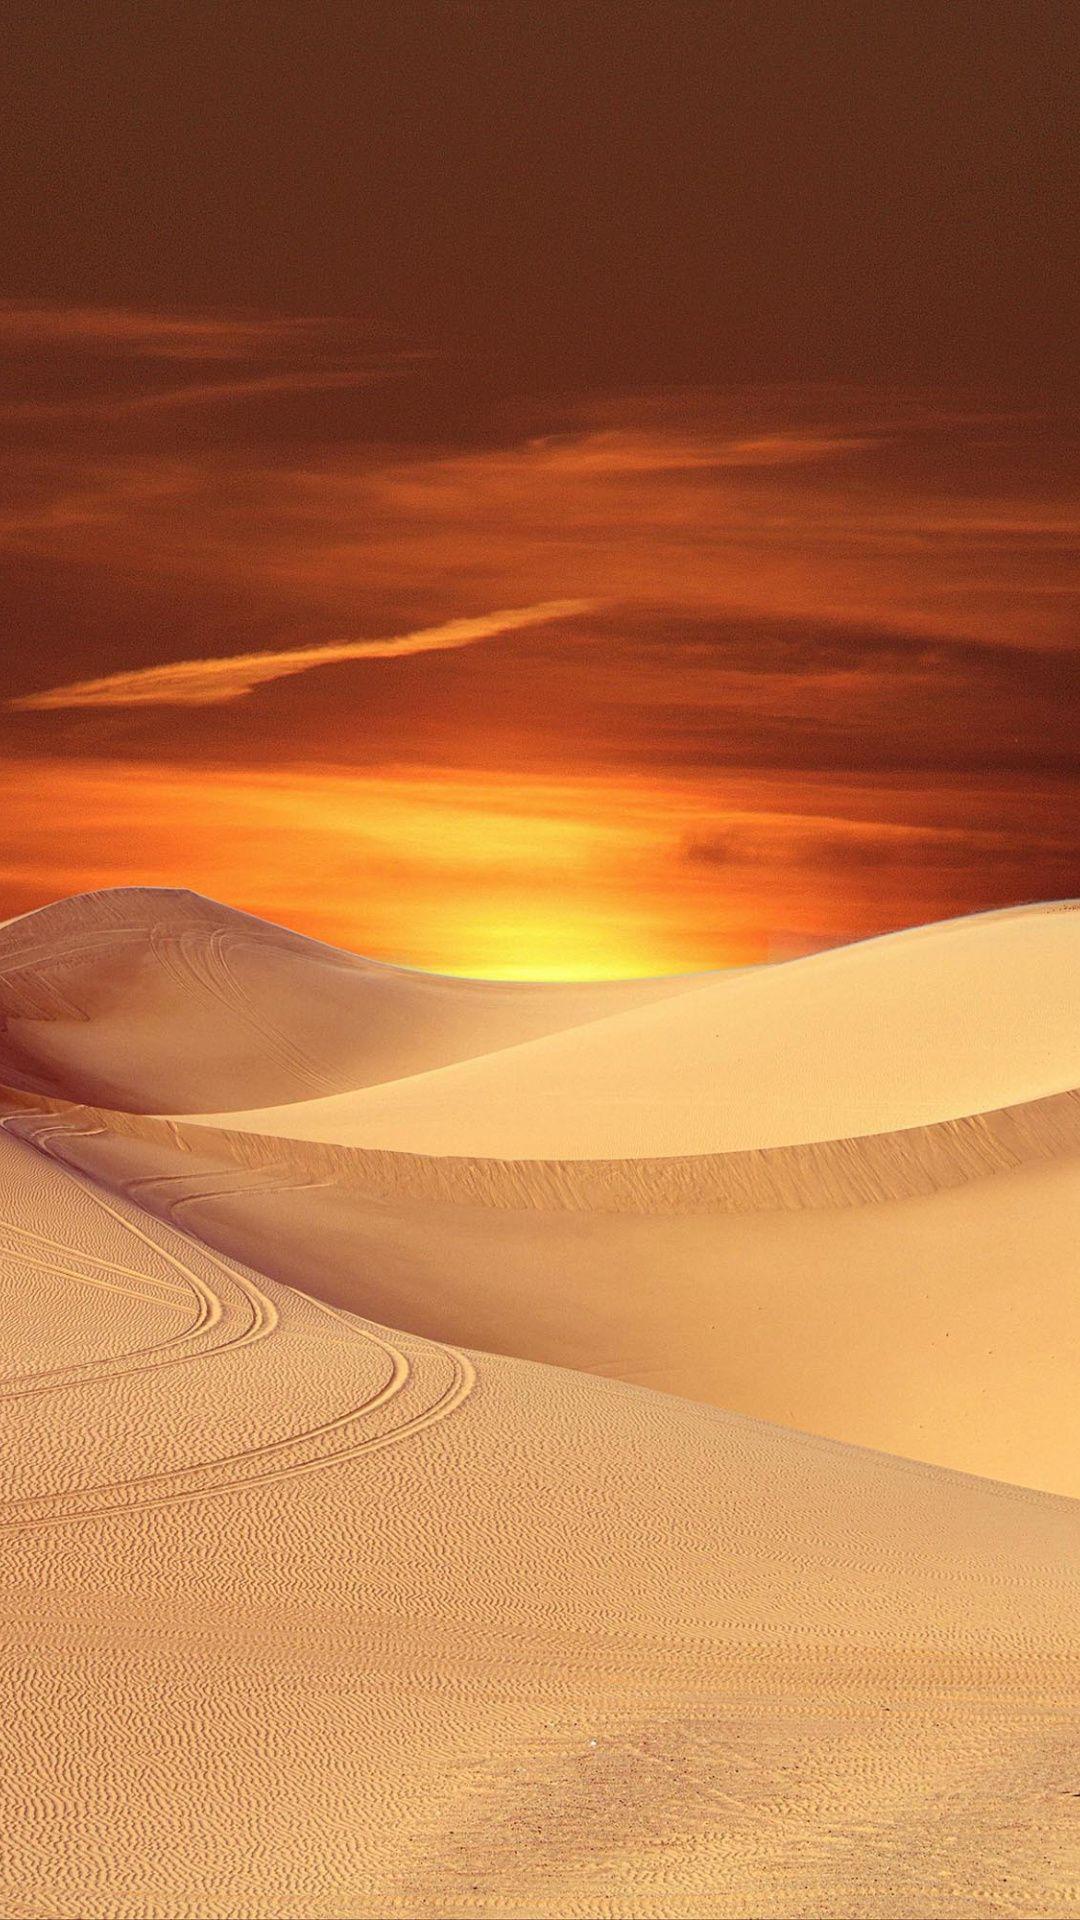 Sunset Sky Dunes Desert Wallpaper Desert Sunset Photography Sunset Landscape Desert Sunset Hd wallpaper sunset desert dunes sand